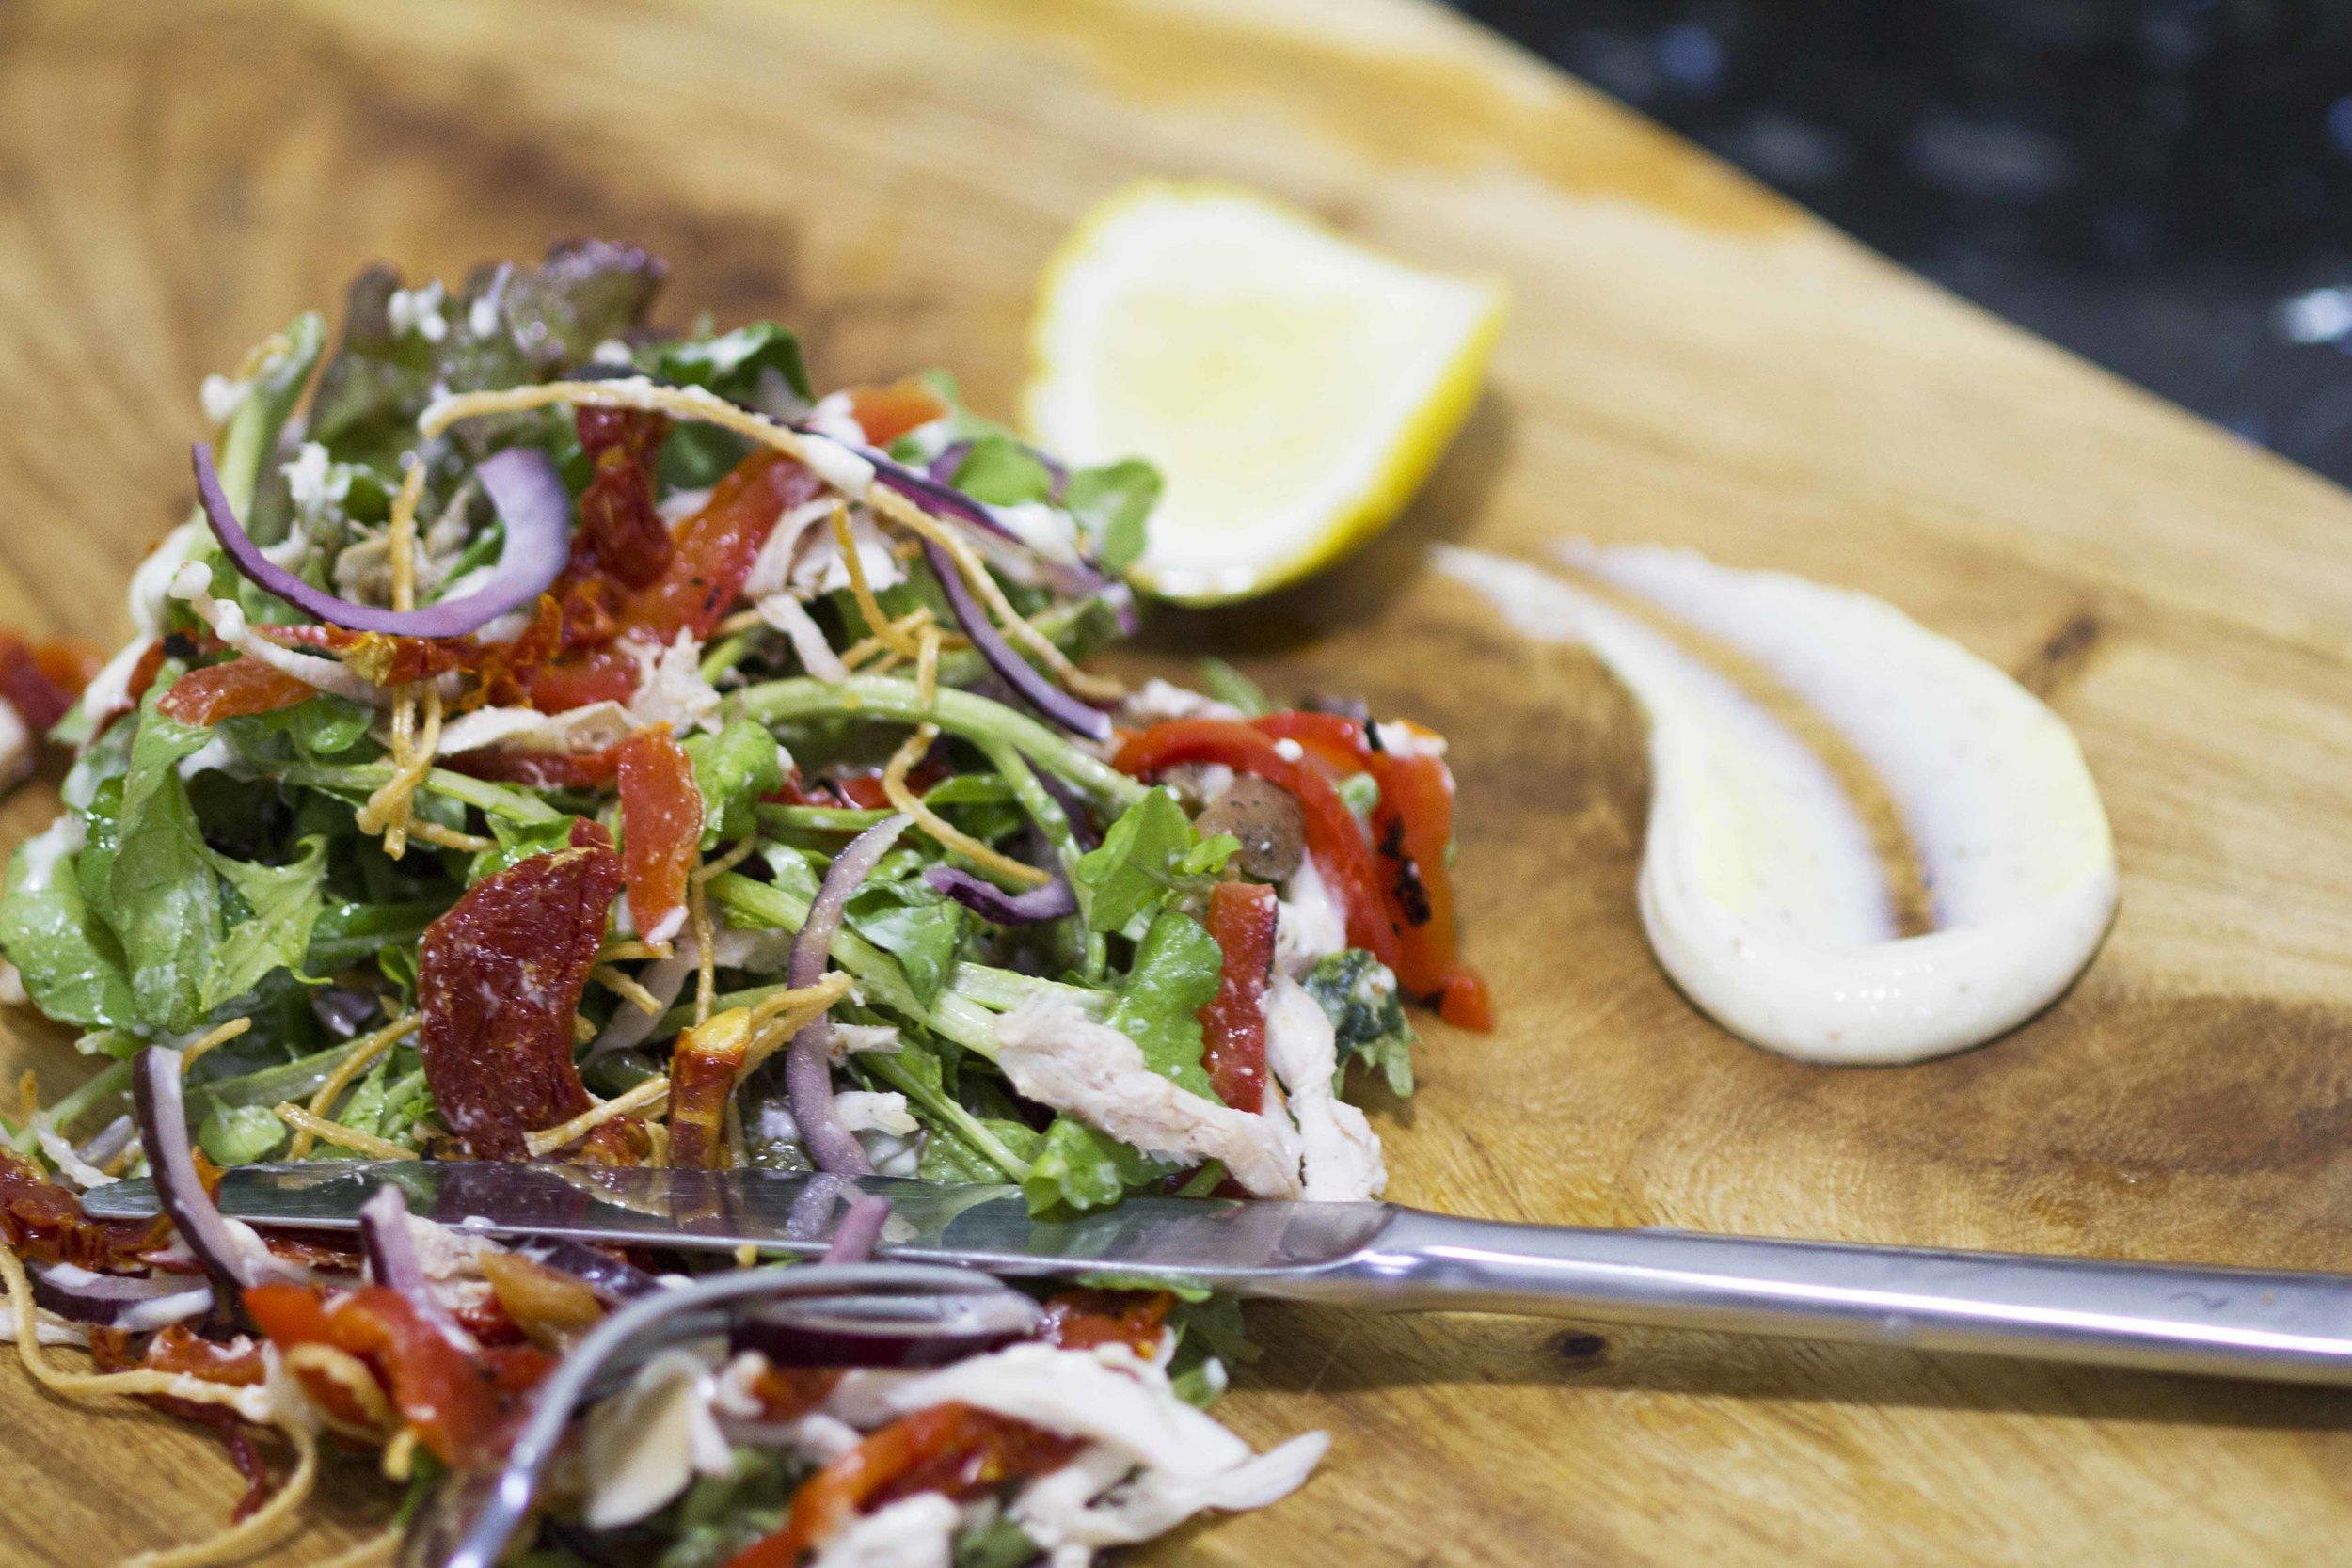 salad on wood.jpg